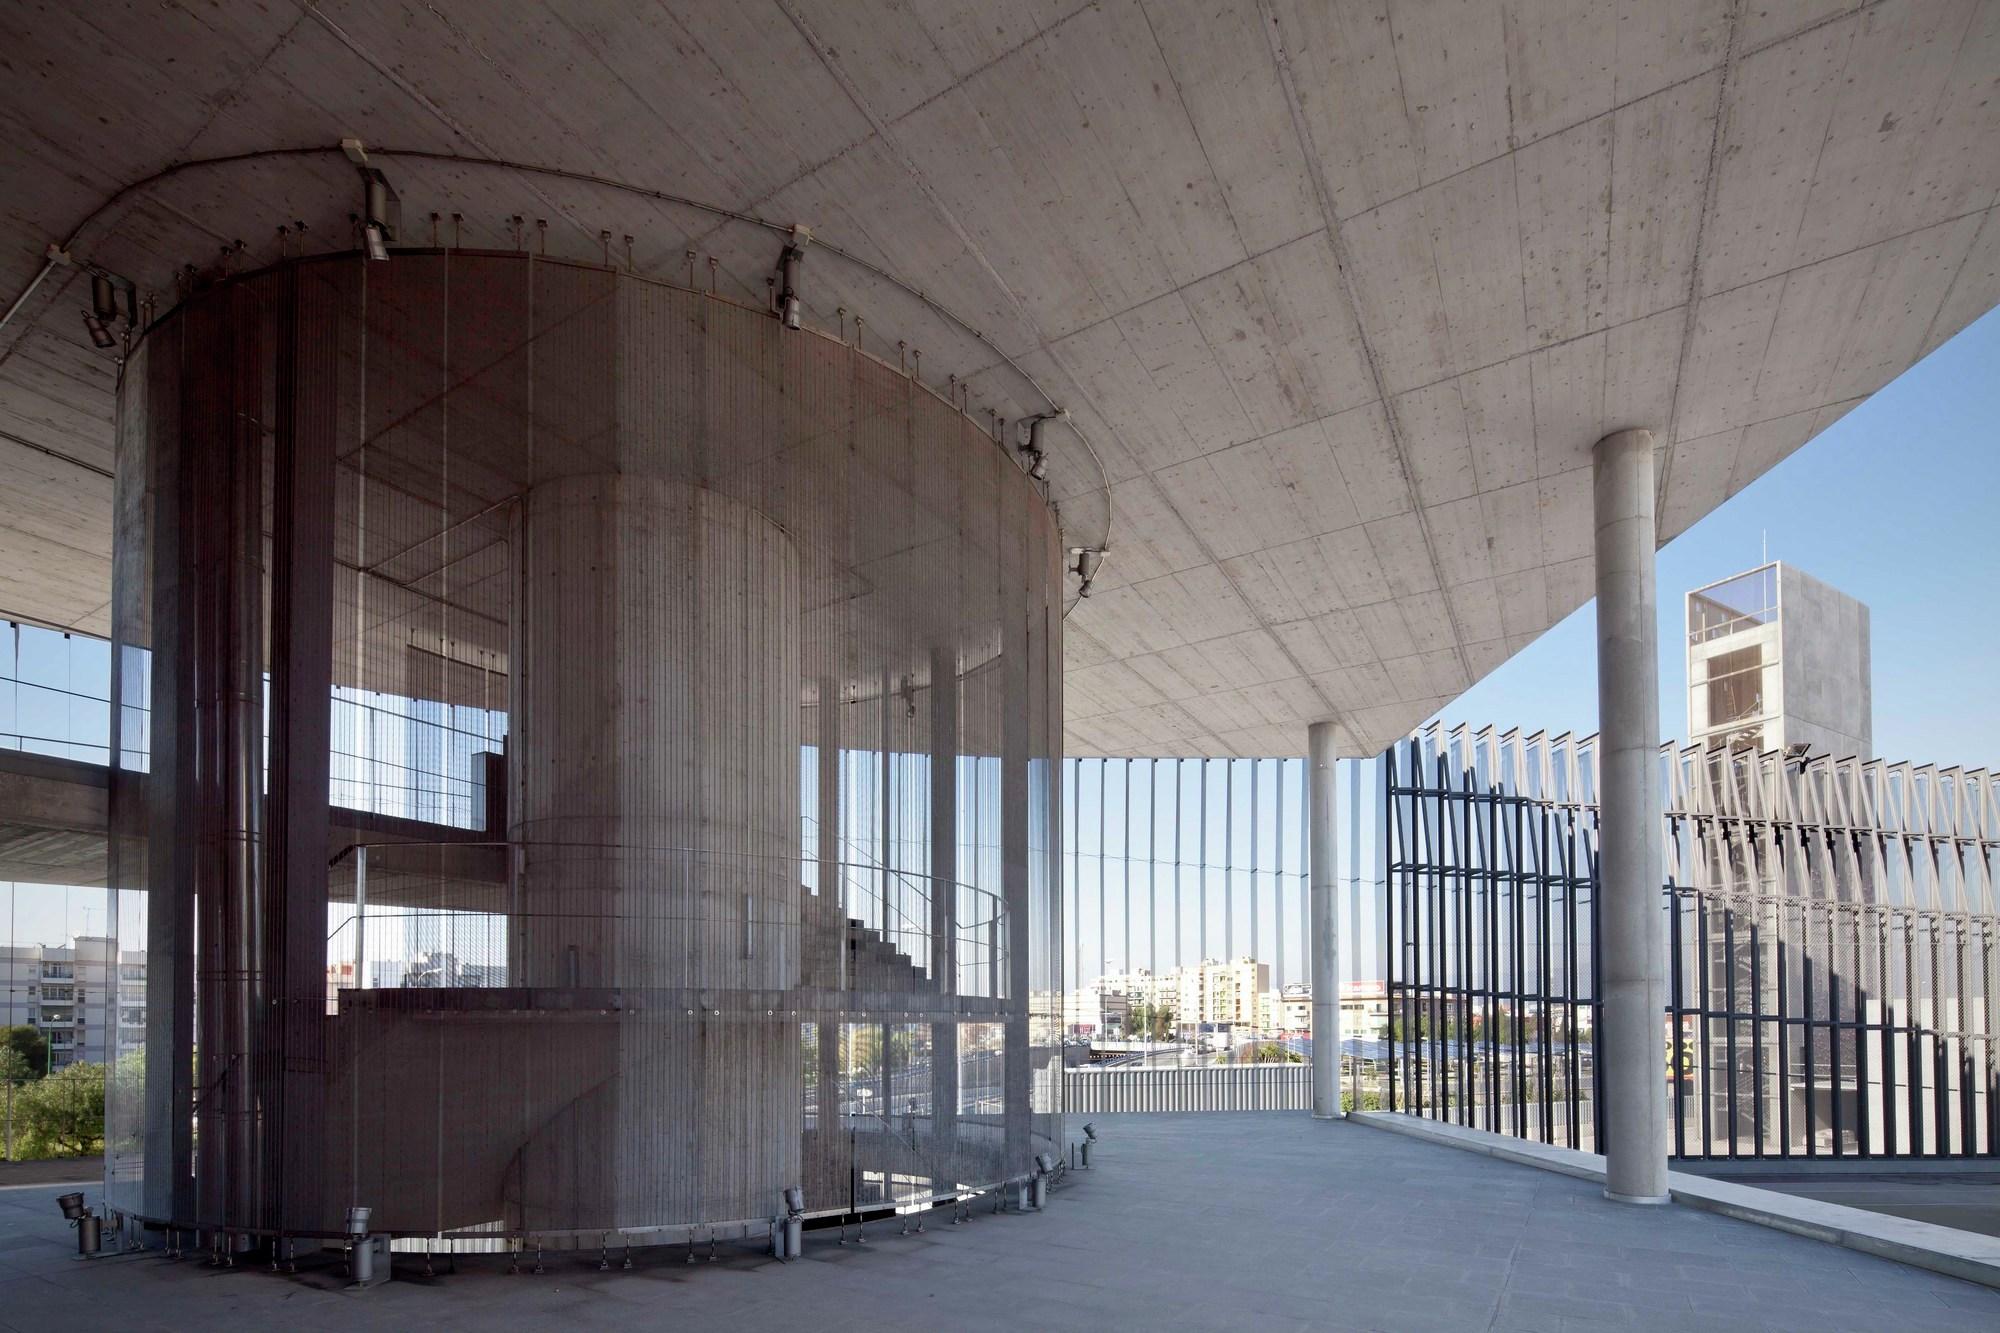 Gallery of firehouse of palma de mallorca jordi herrero arquitecto 7 - Arquitectos palma de mallorca ...